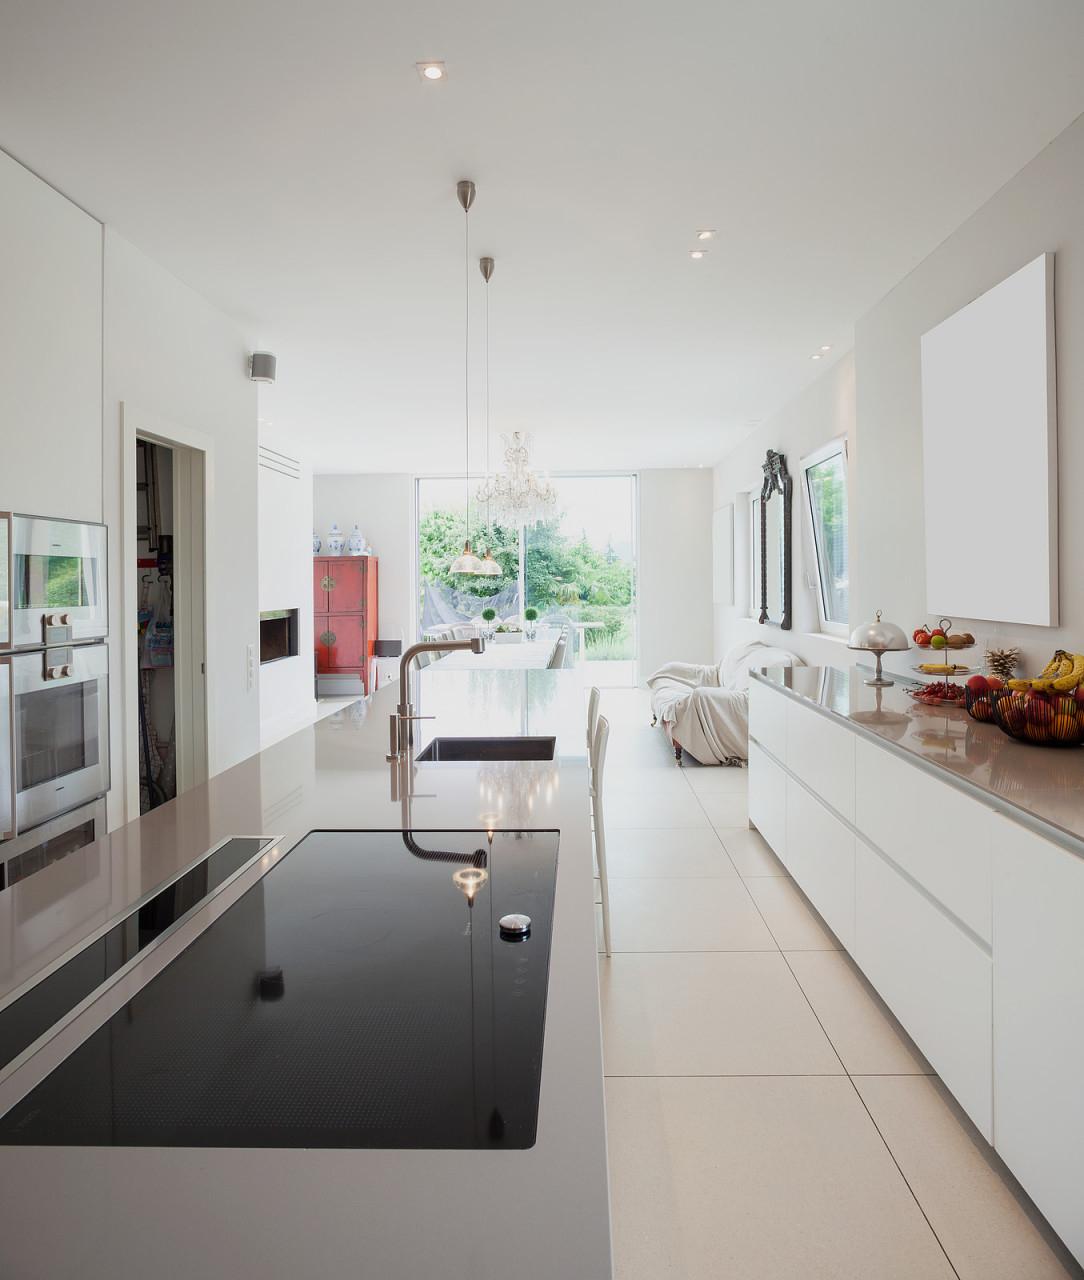 Offene Küche Mit Wohnzimmer Einrichtungstipps von Offenes Wohnzimmer Gestalten Bild